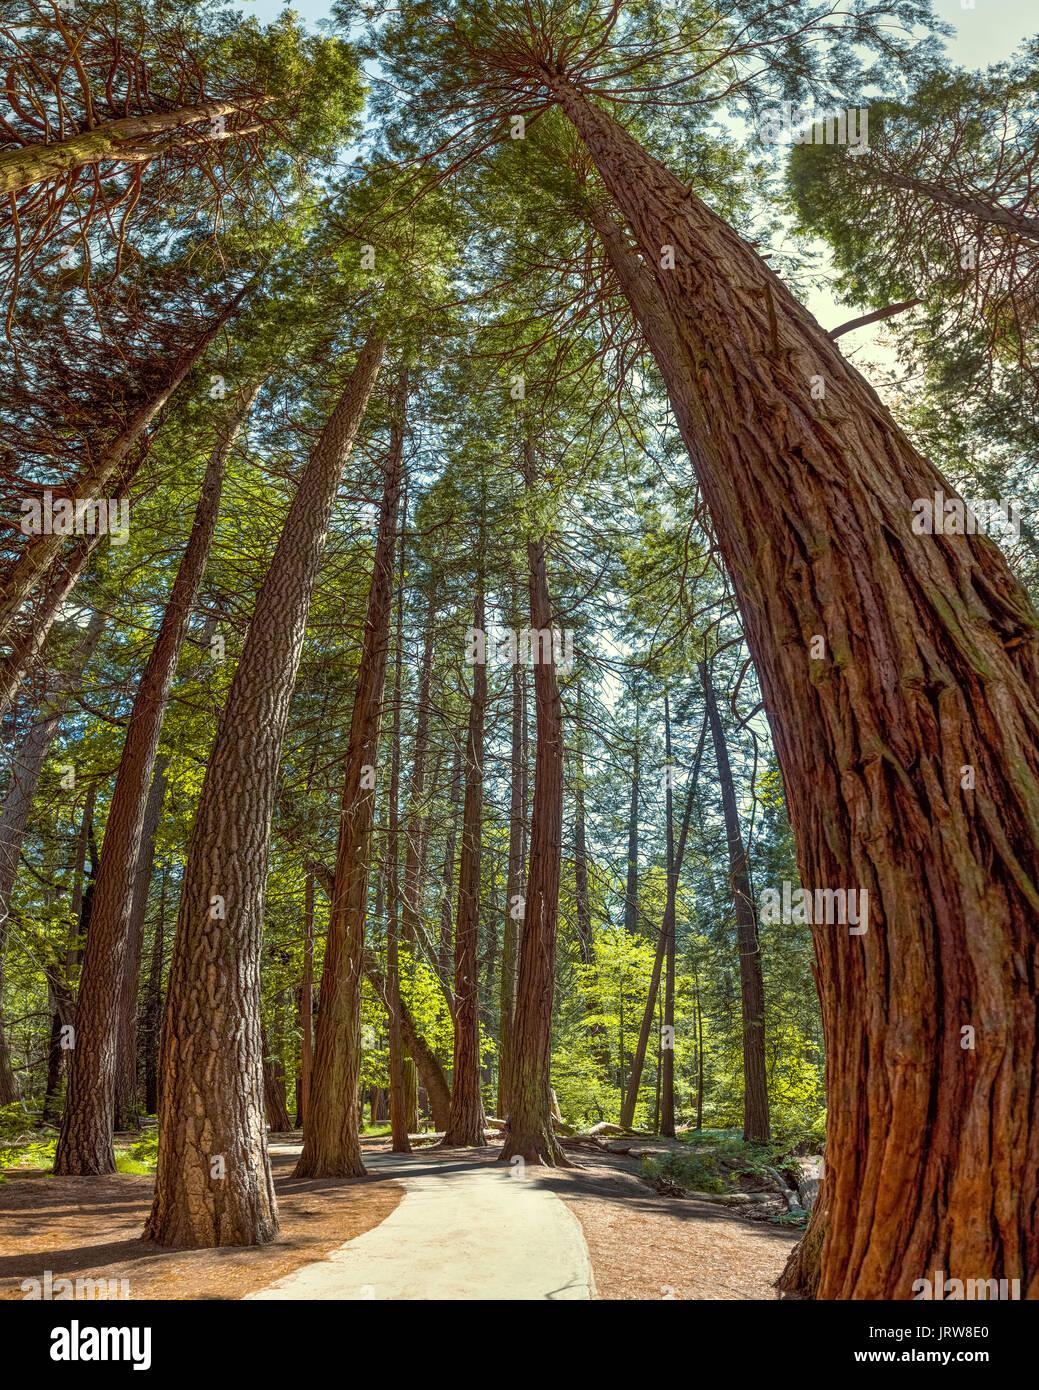 Parque Nacional Yosemite - Mariposa Grove Redwoods - California. Panorama vertical distorsiona los árboles y exagera el efecto de ángulo amplio. Imagen De Stock